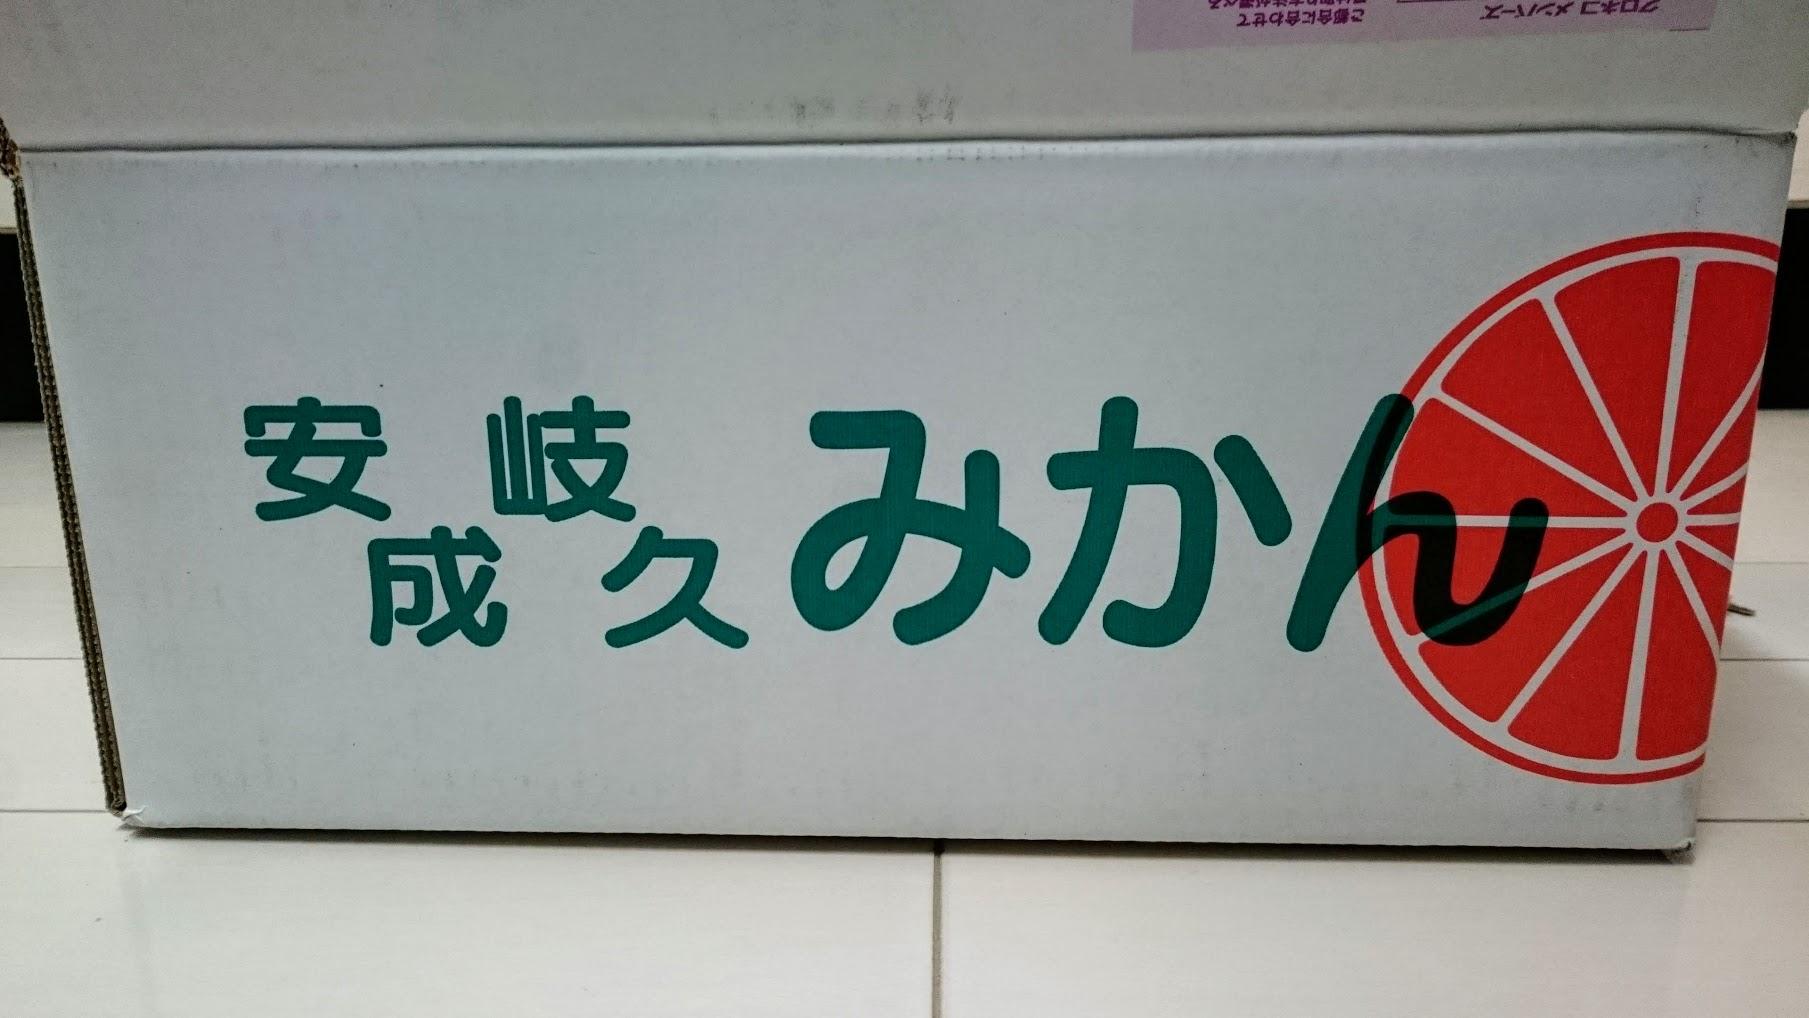 国東みかん5kg(小玉農園のこだわり栽培みかん)